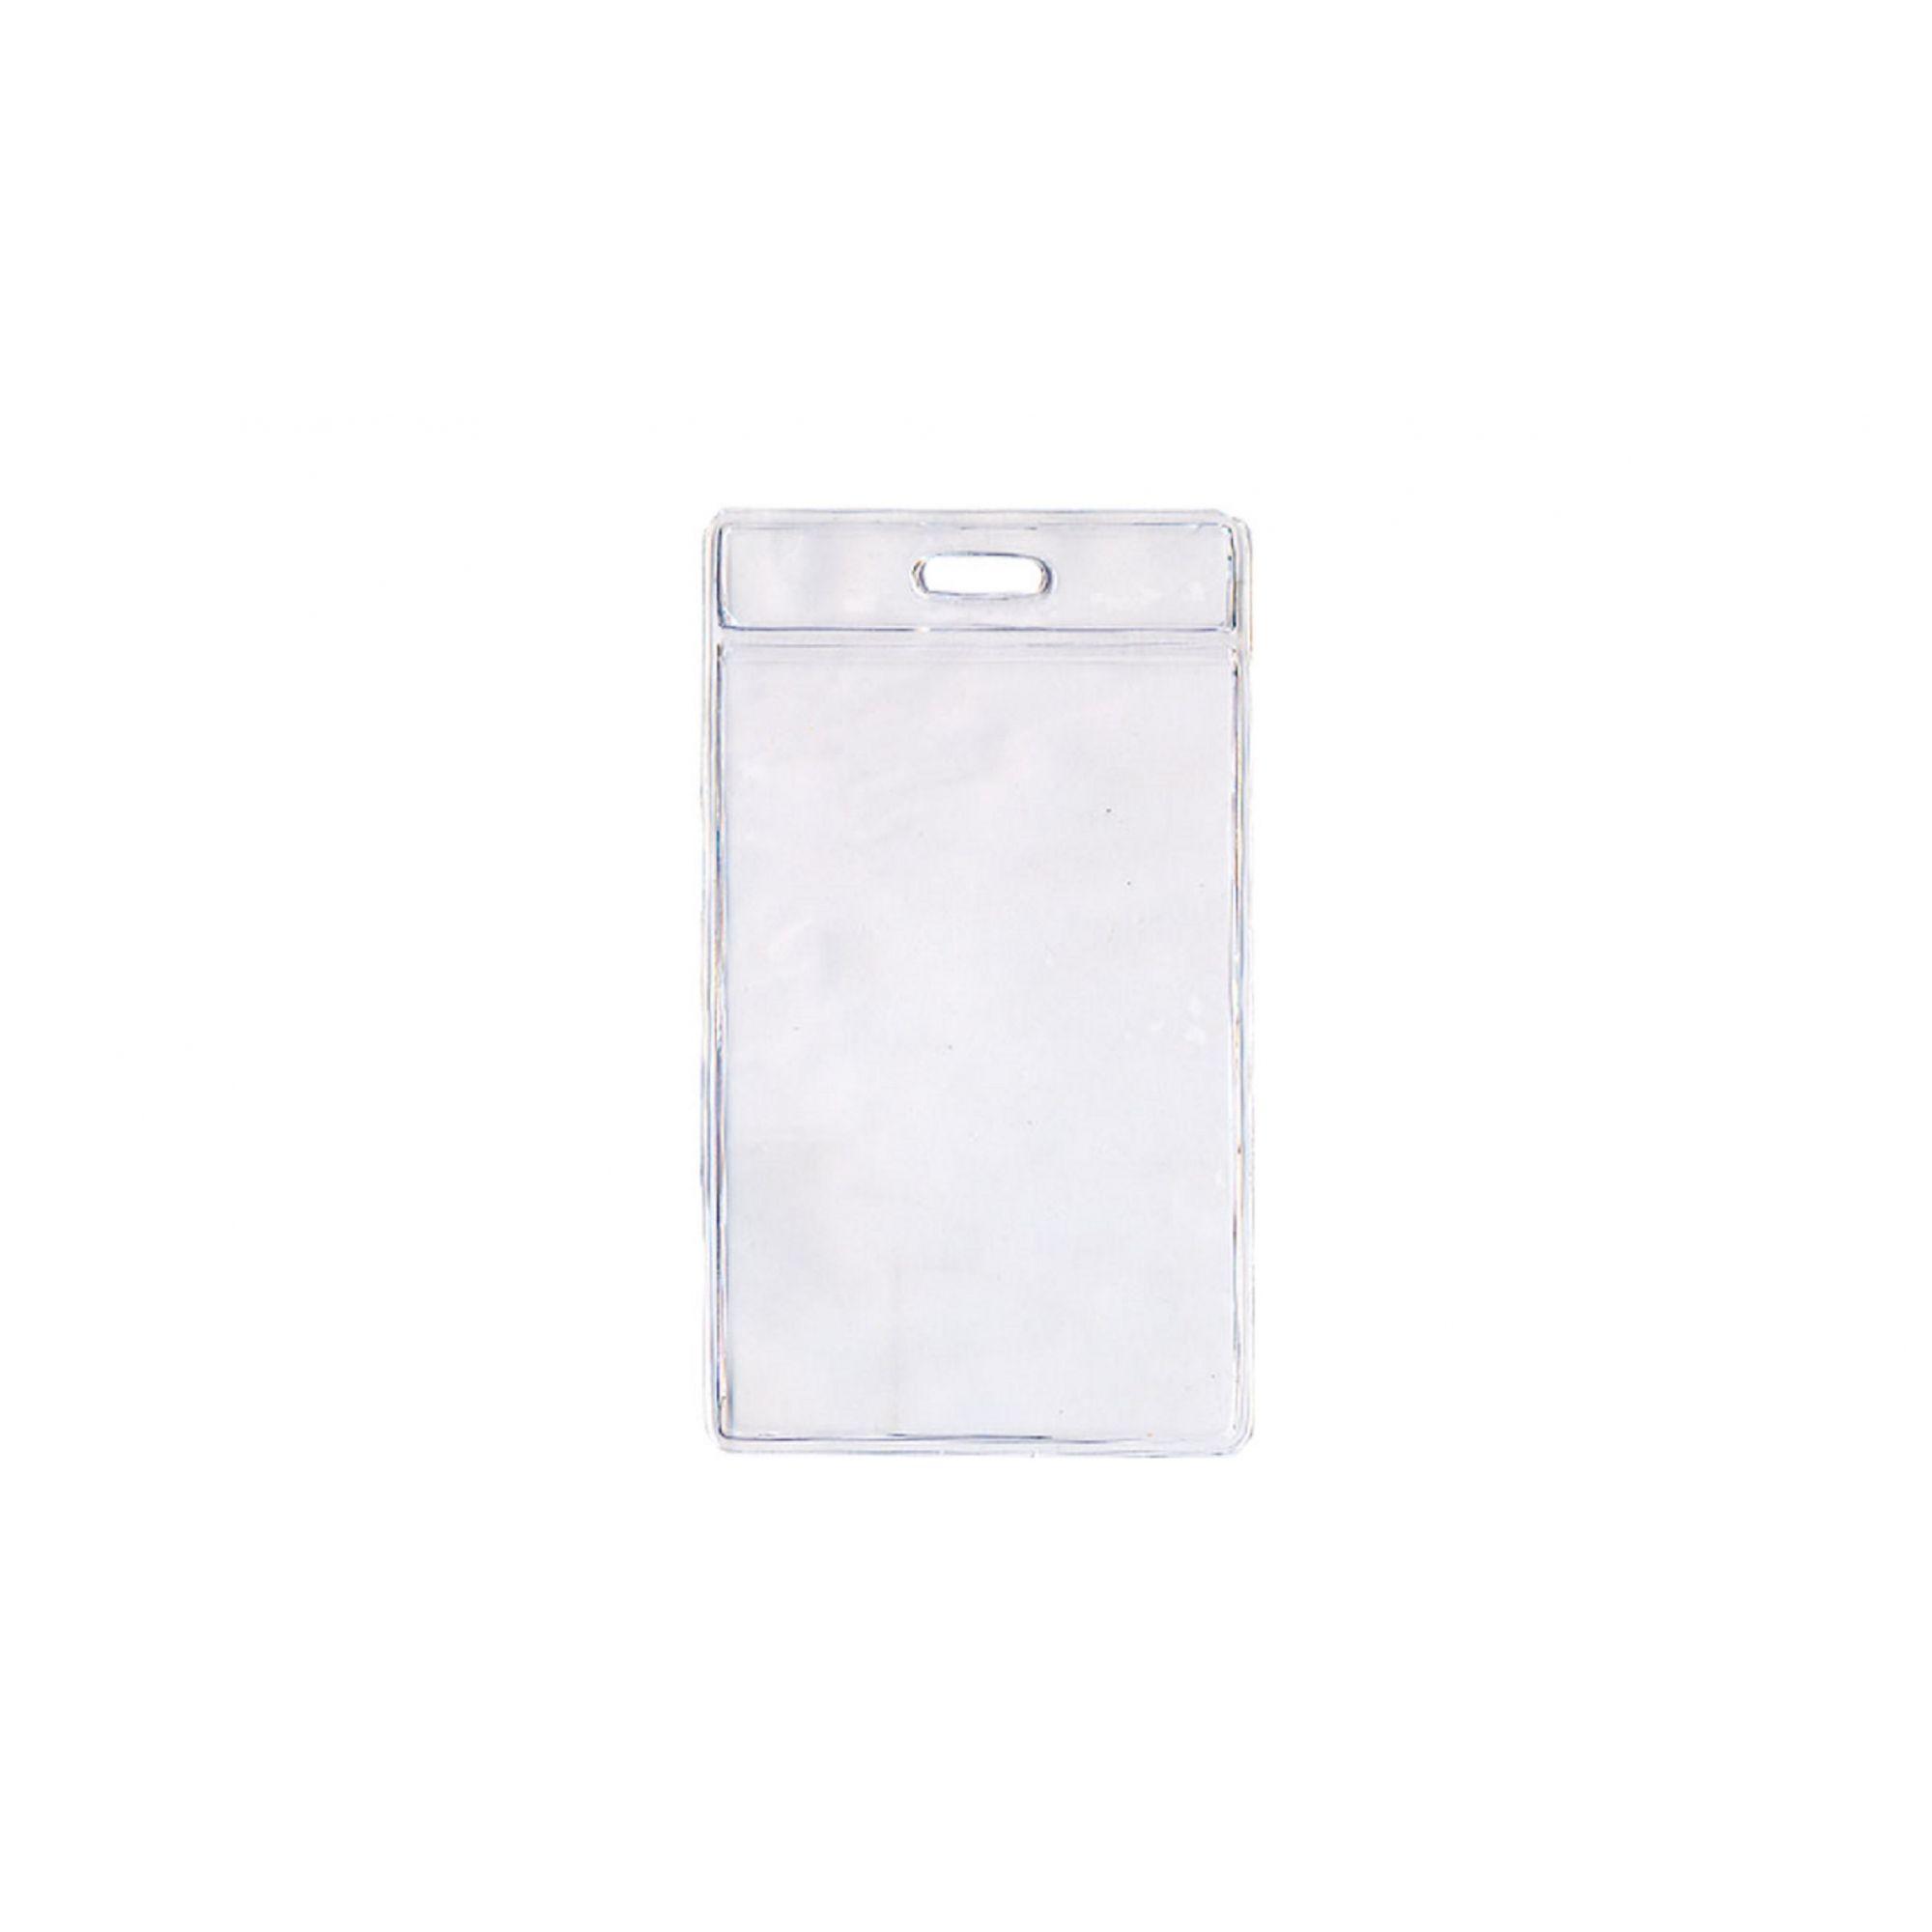 Kit 500 Protetores Porta Crachá em Bolsa PVC Cristal Vertical 58x89x0,20mm  - Click Suprimentos